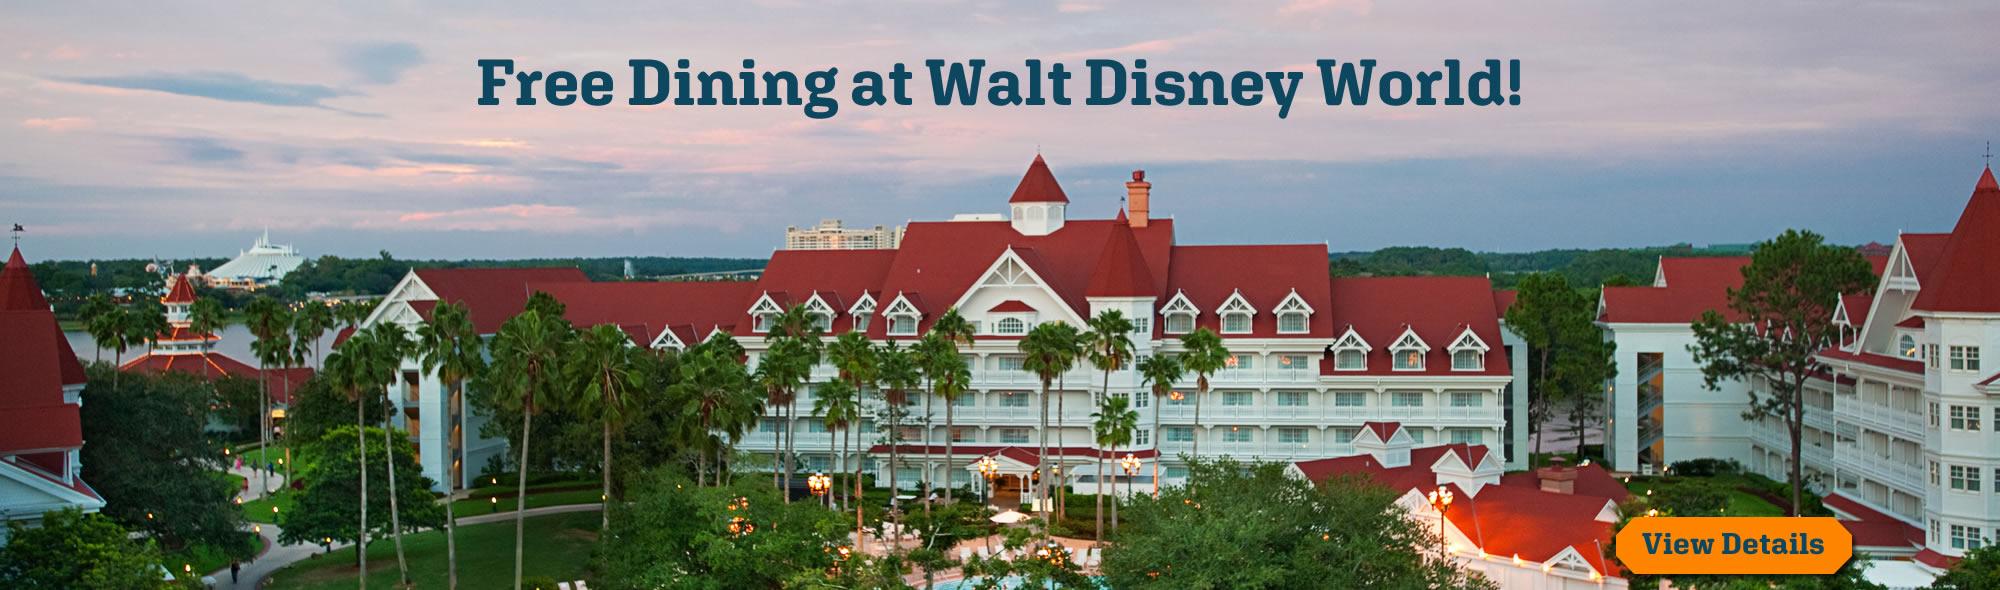 Orlando Travel News, Disney Parks News and More | The Kingdom